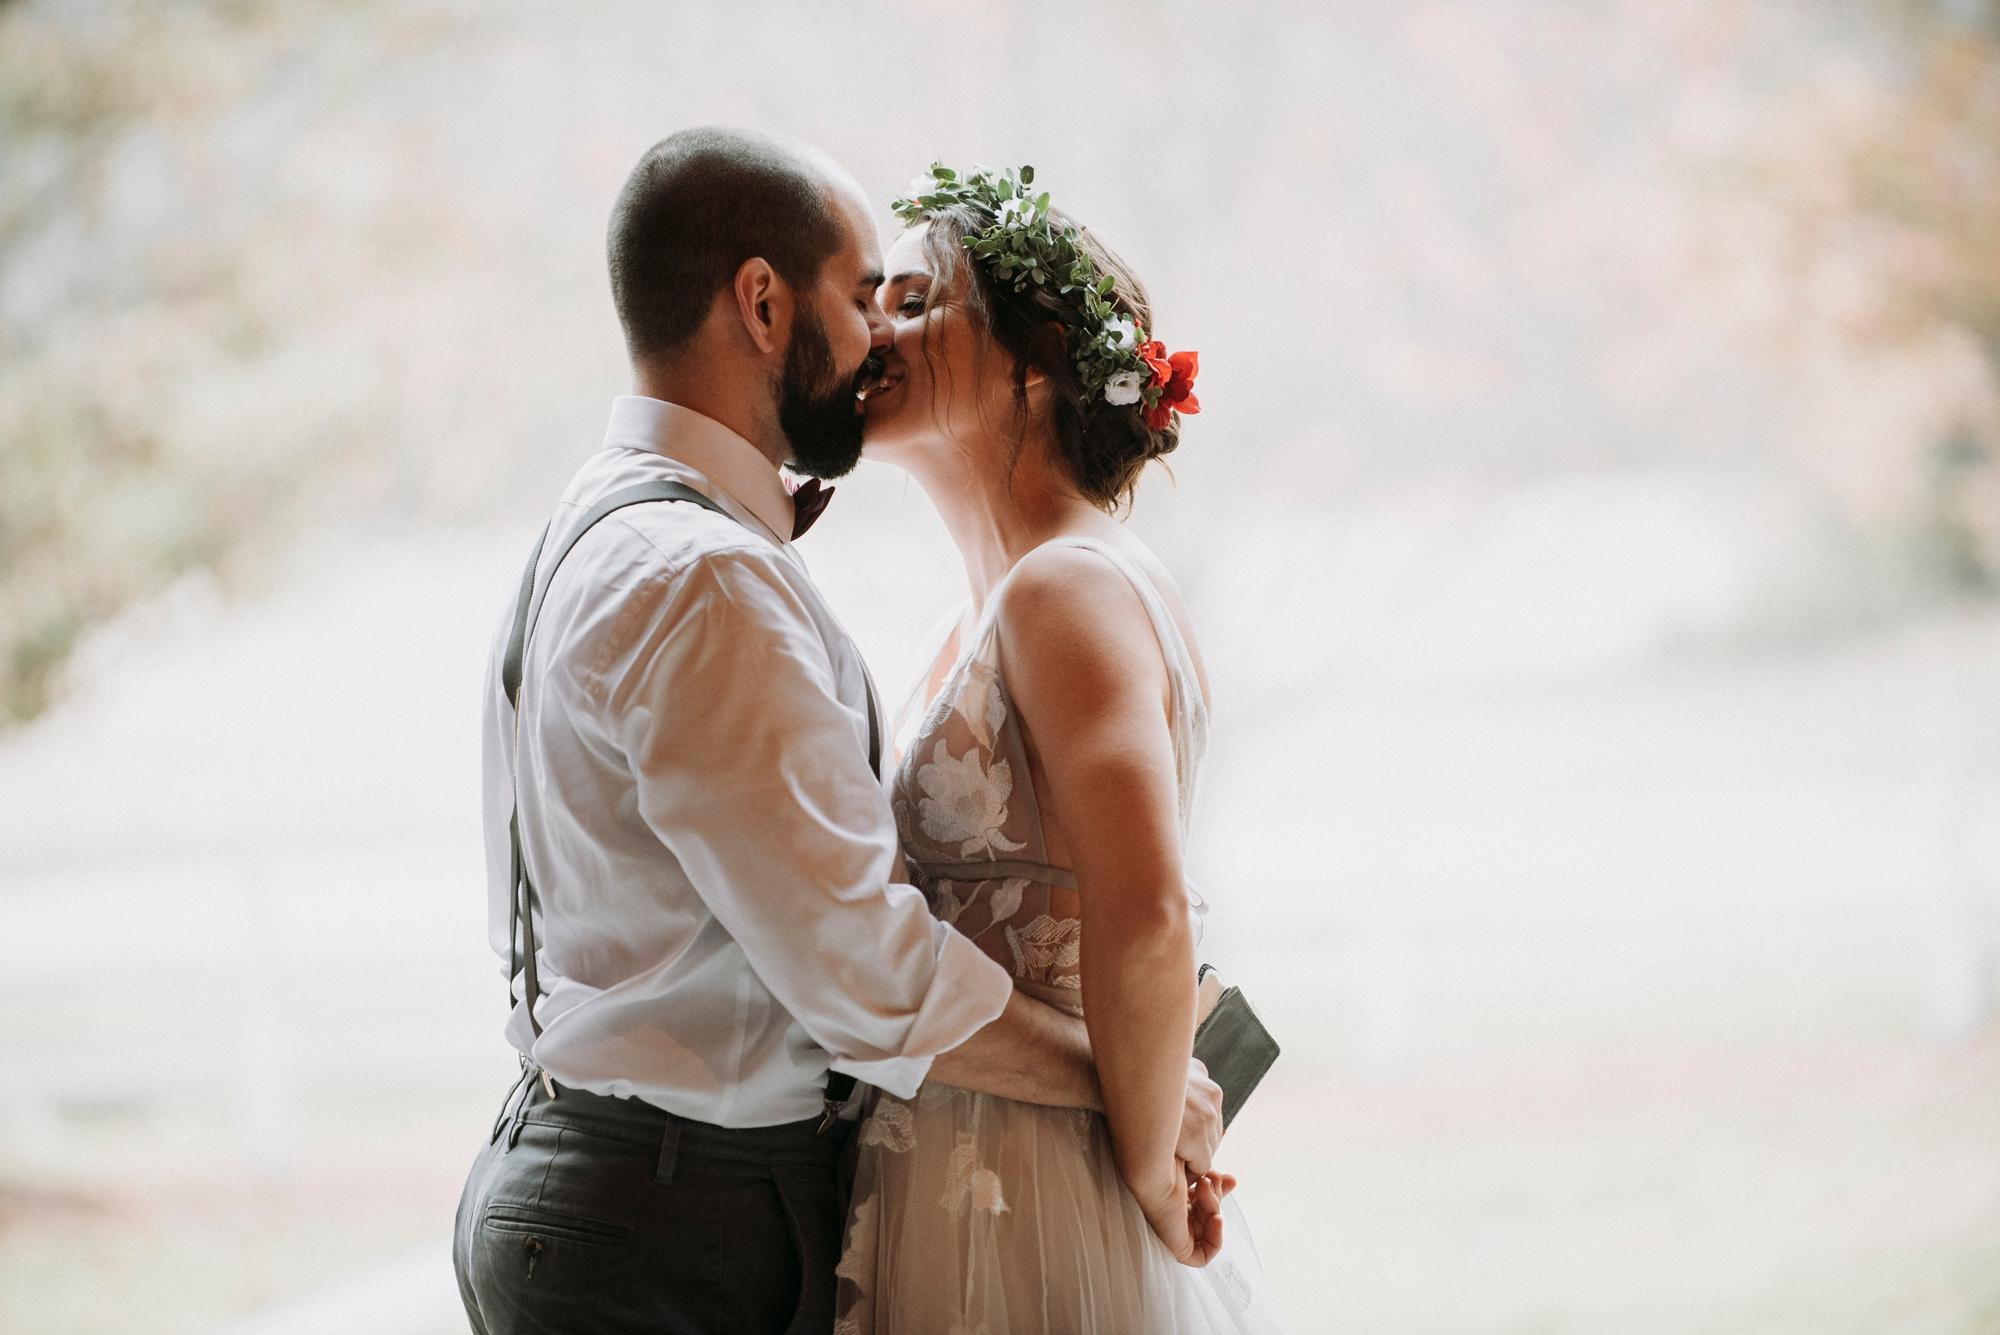 ethical-destination-wedding-stlouis_0018.jpg